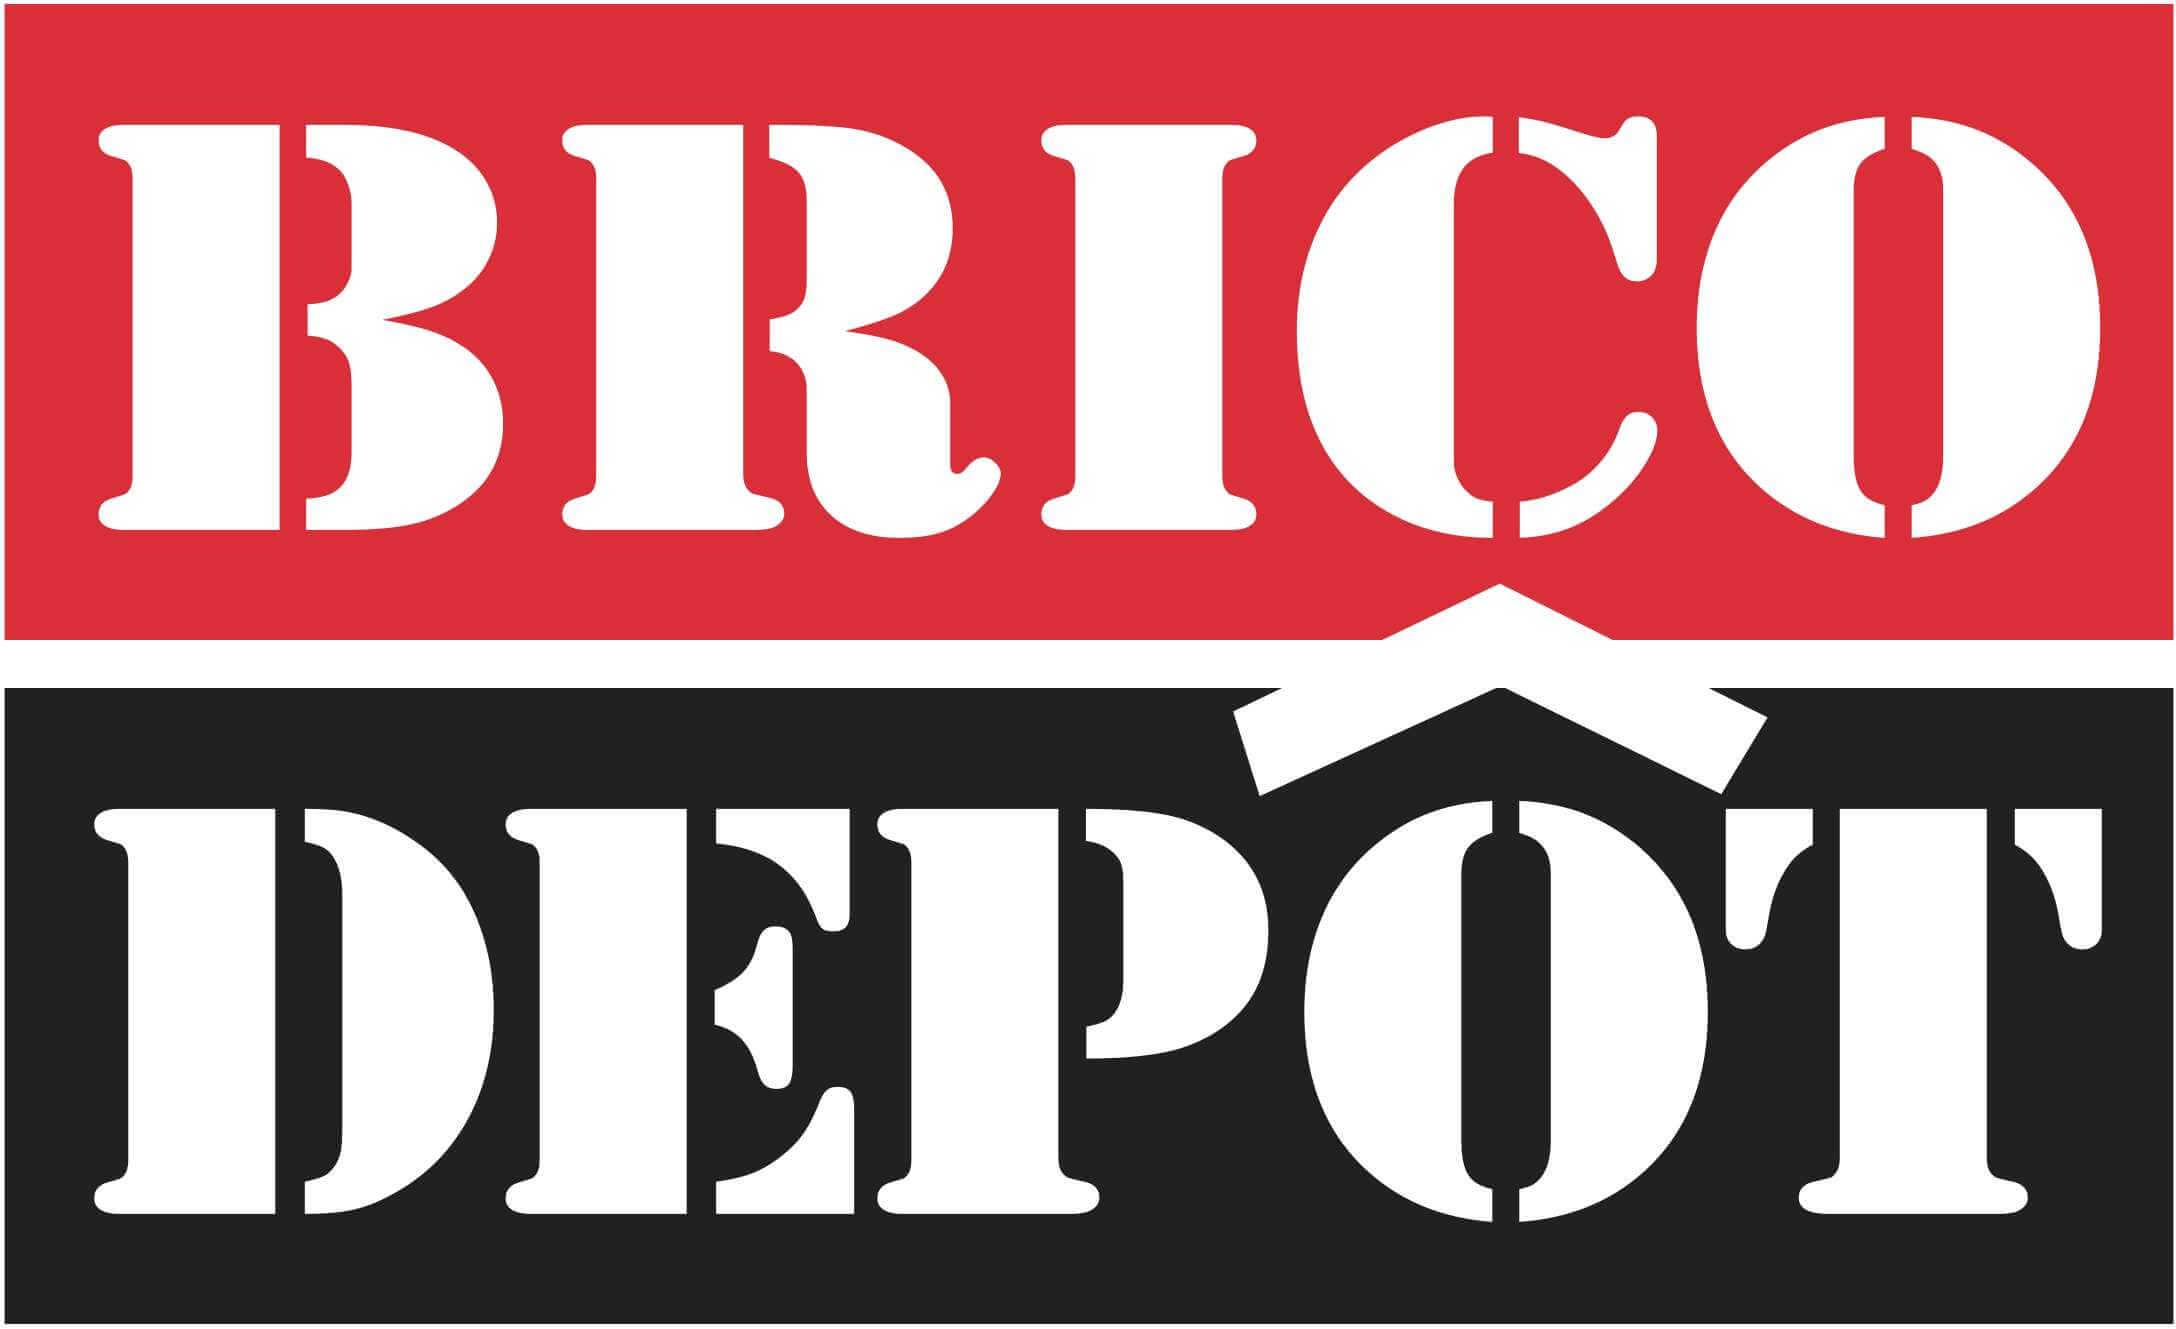 Fenetre Brico Depot Retrouvez Tous Les Produits Brico Depot